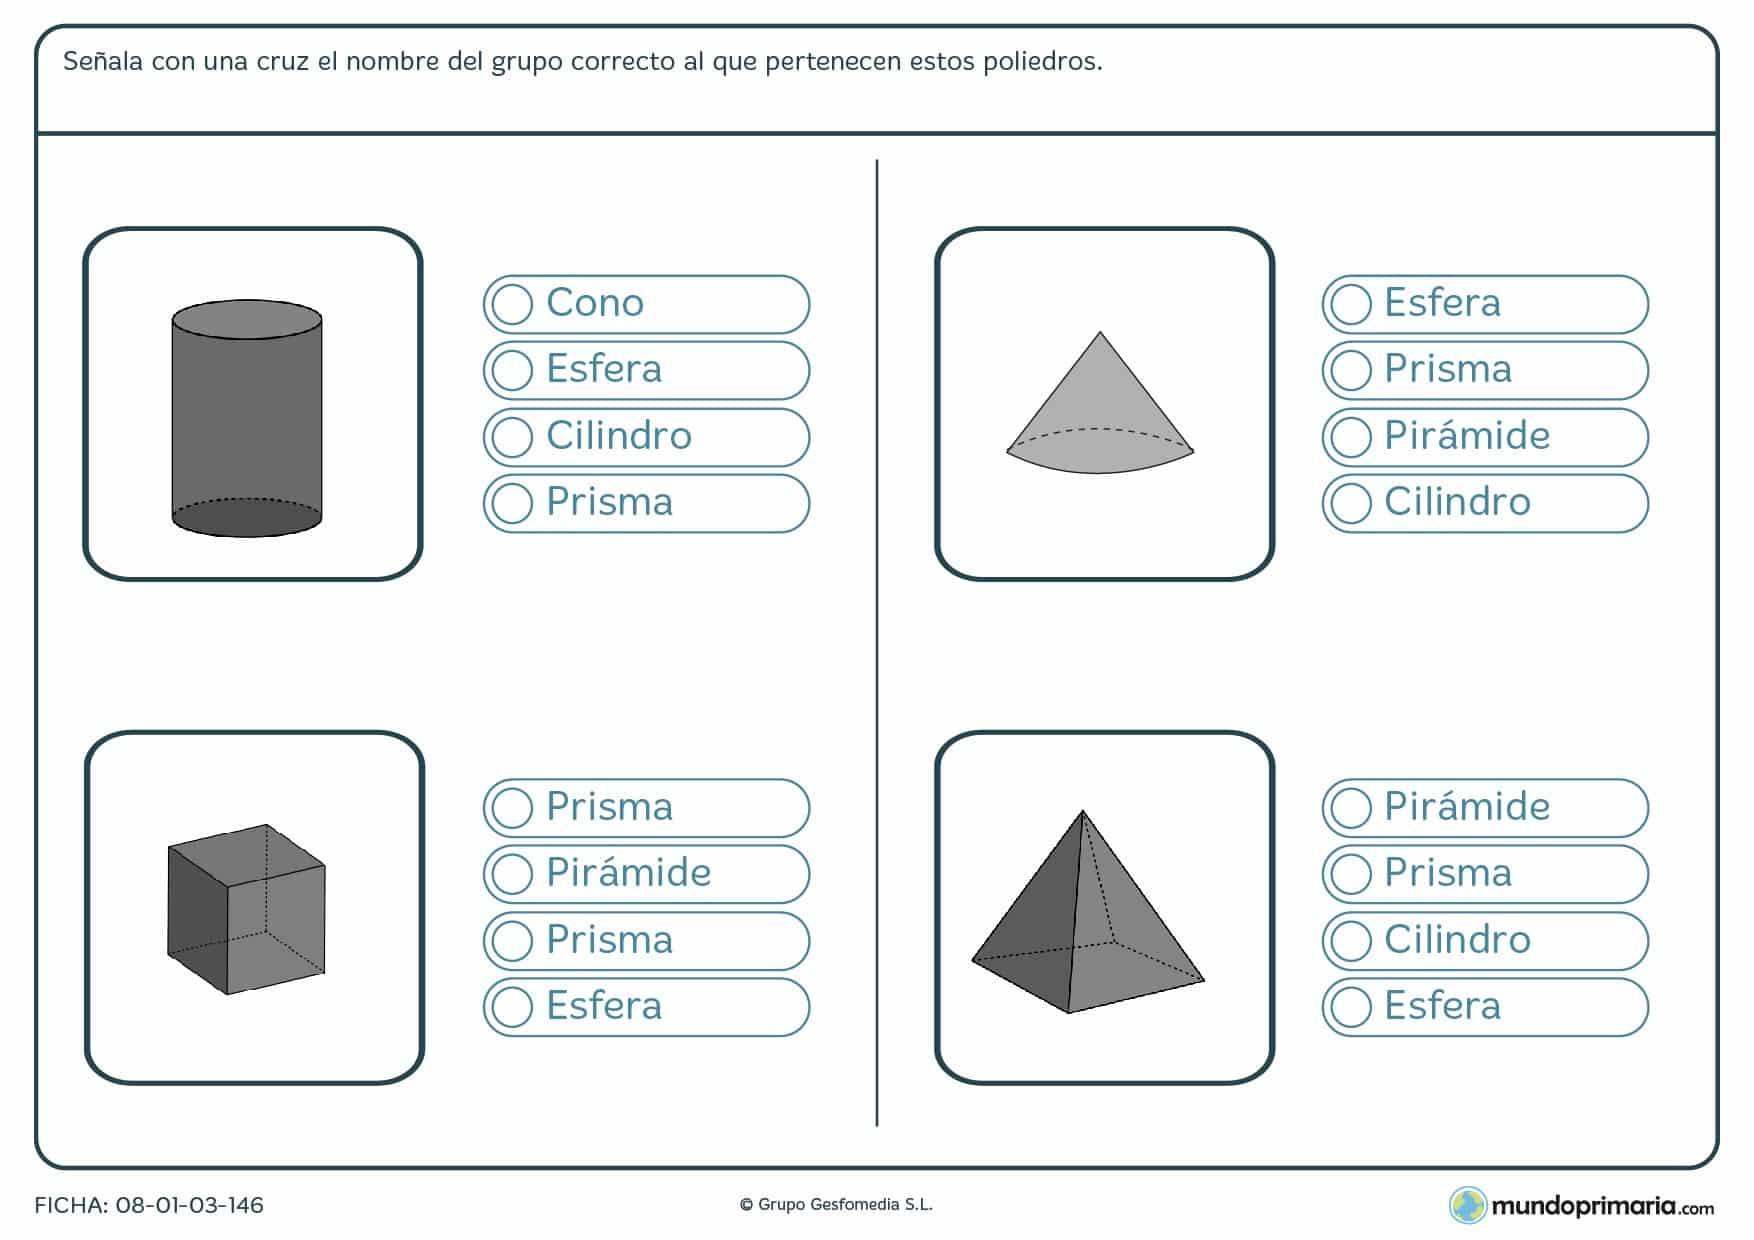 Ficha de acertar poliedros marcando el grupo al que pertenece cada uno de los mostrados.